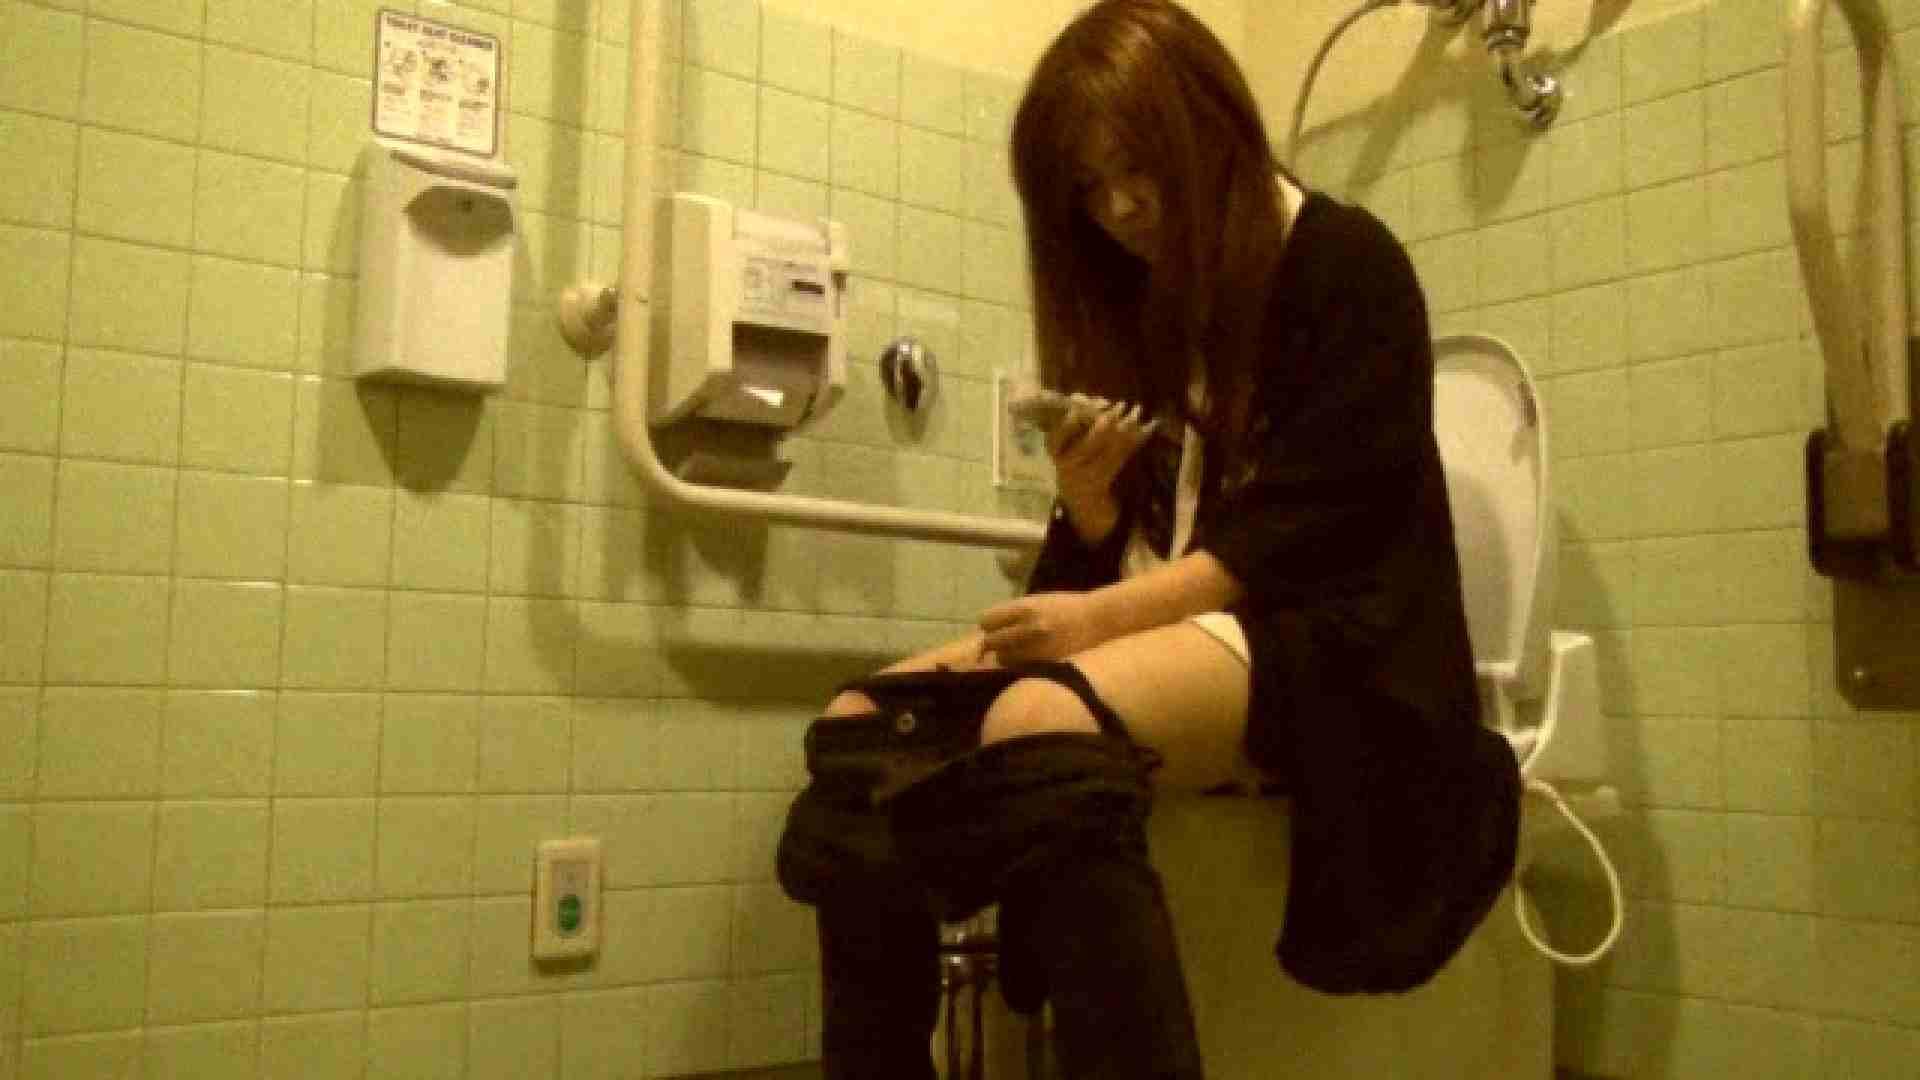 魔術師の お・も・て・な・し vol.26 19歳のバーの店員さんの洗面所をしばし… 美しいOLの裸体 | イタズラ  73pic 52